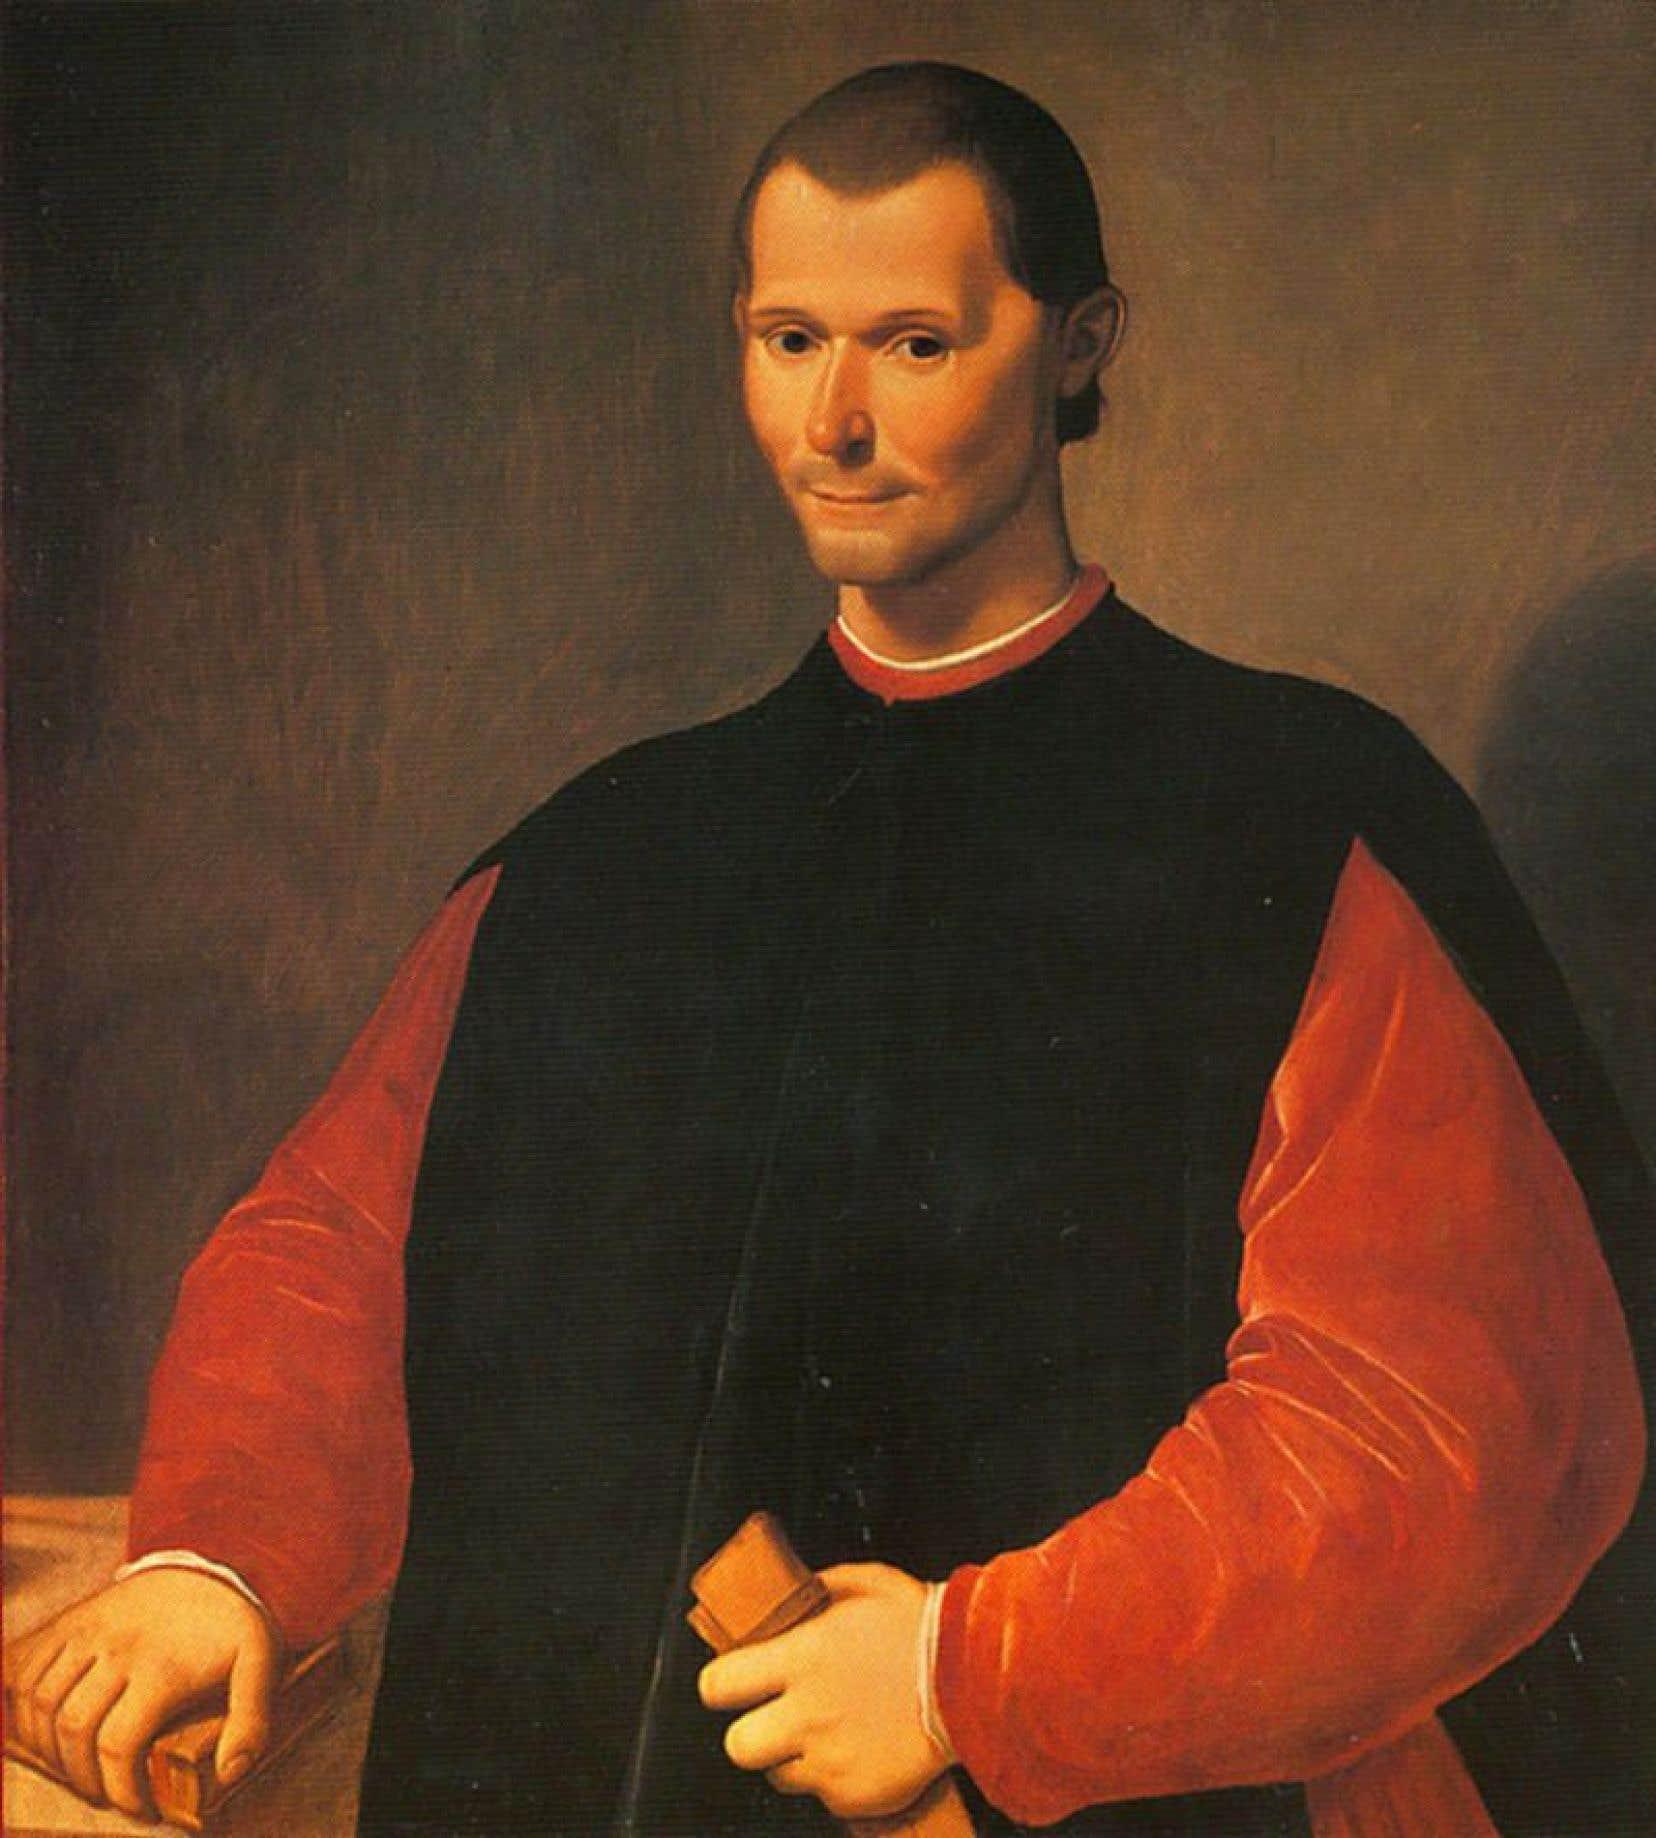 En son temps, fatigué d'être témoin et victime de la corruption, le philosophe italien Machiavel se met à la recherche des stratagèmes et des mécanismes qui causent celle-ci. Un peu à la manière de notre commission Charbonneau.